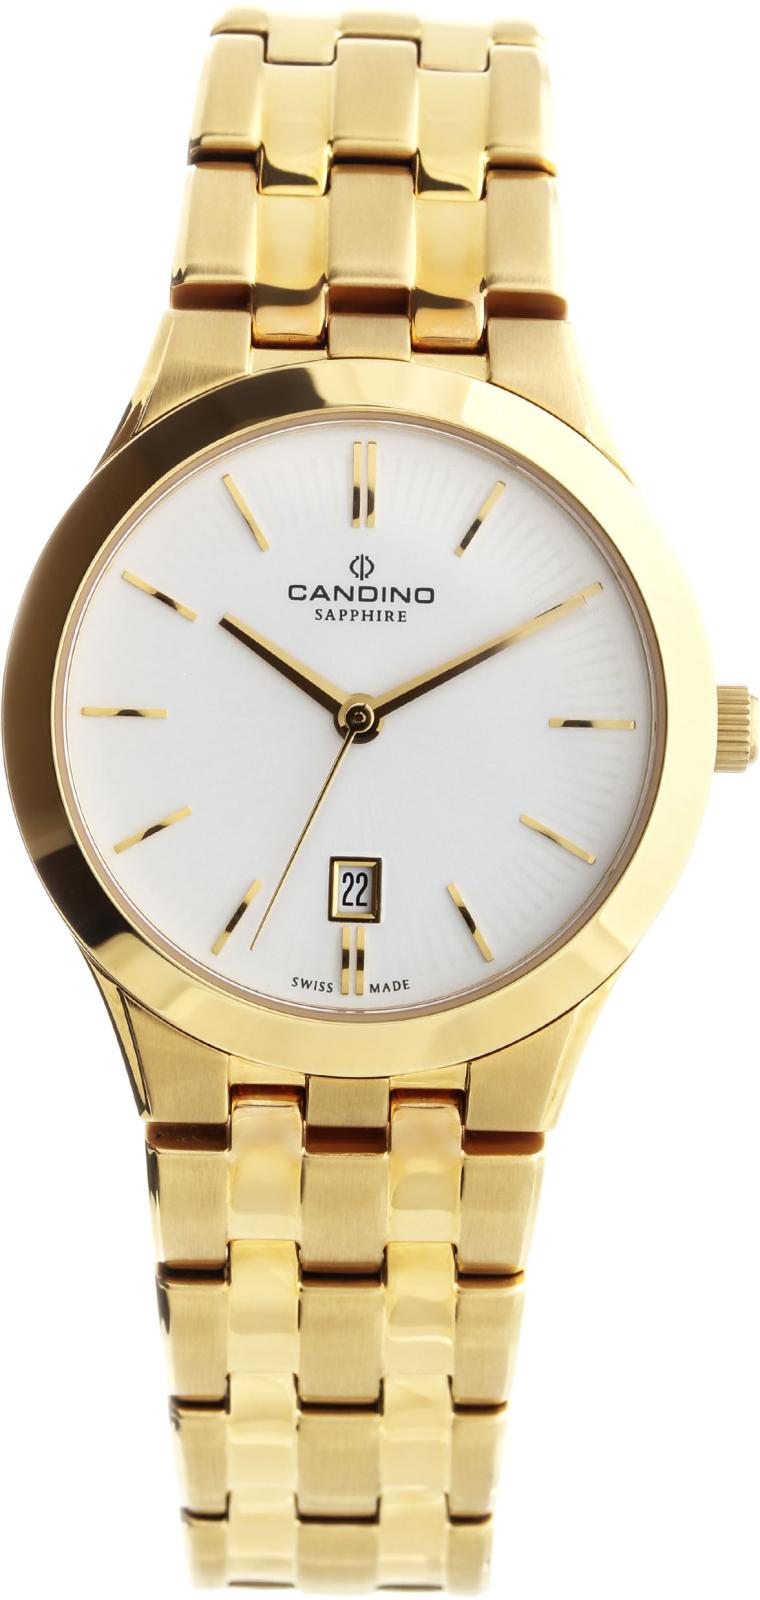 Candino Classic C4545/1Наручные часы<br>Швейцарские часы Candino Classic C4545/1<br><br>Пол: Женские<br>Страна-производитель: Швейцария<br>Механизм: Кварцевый<br>Материал корпуса: Сталь<br>Материал ремня/браслета: Сталь<br>Водозащита, диапазон: 20 - 100 м<br>Стекло: Сапфировое<br>Толщина корпуса: 7 мм<br>Стиль: Классика